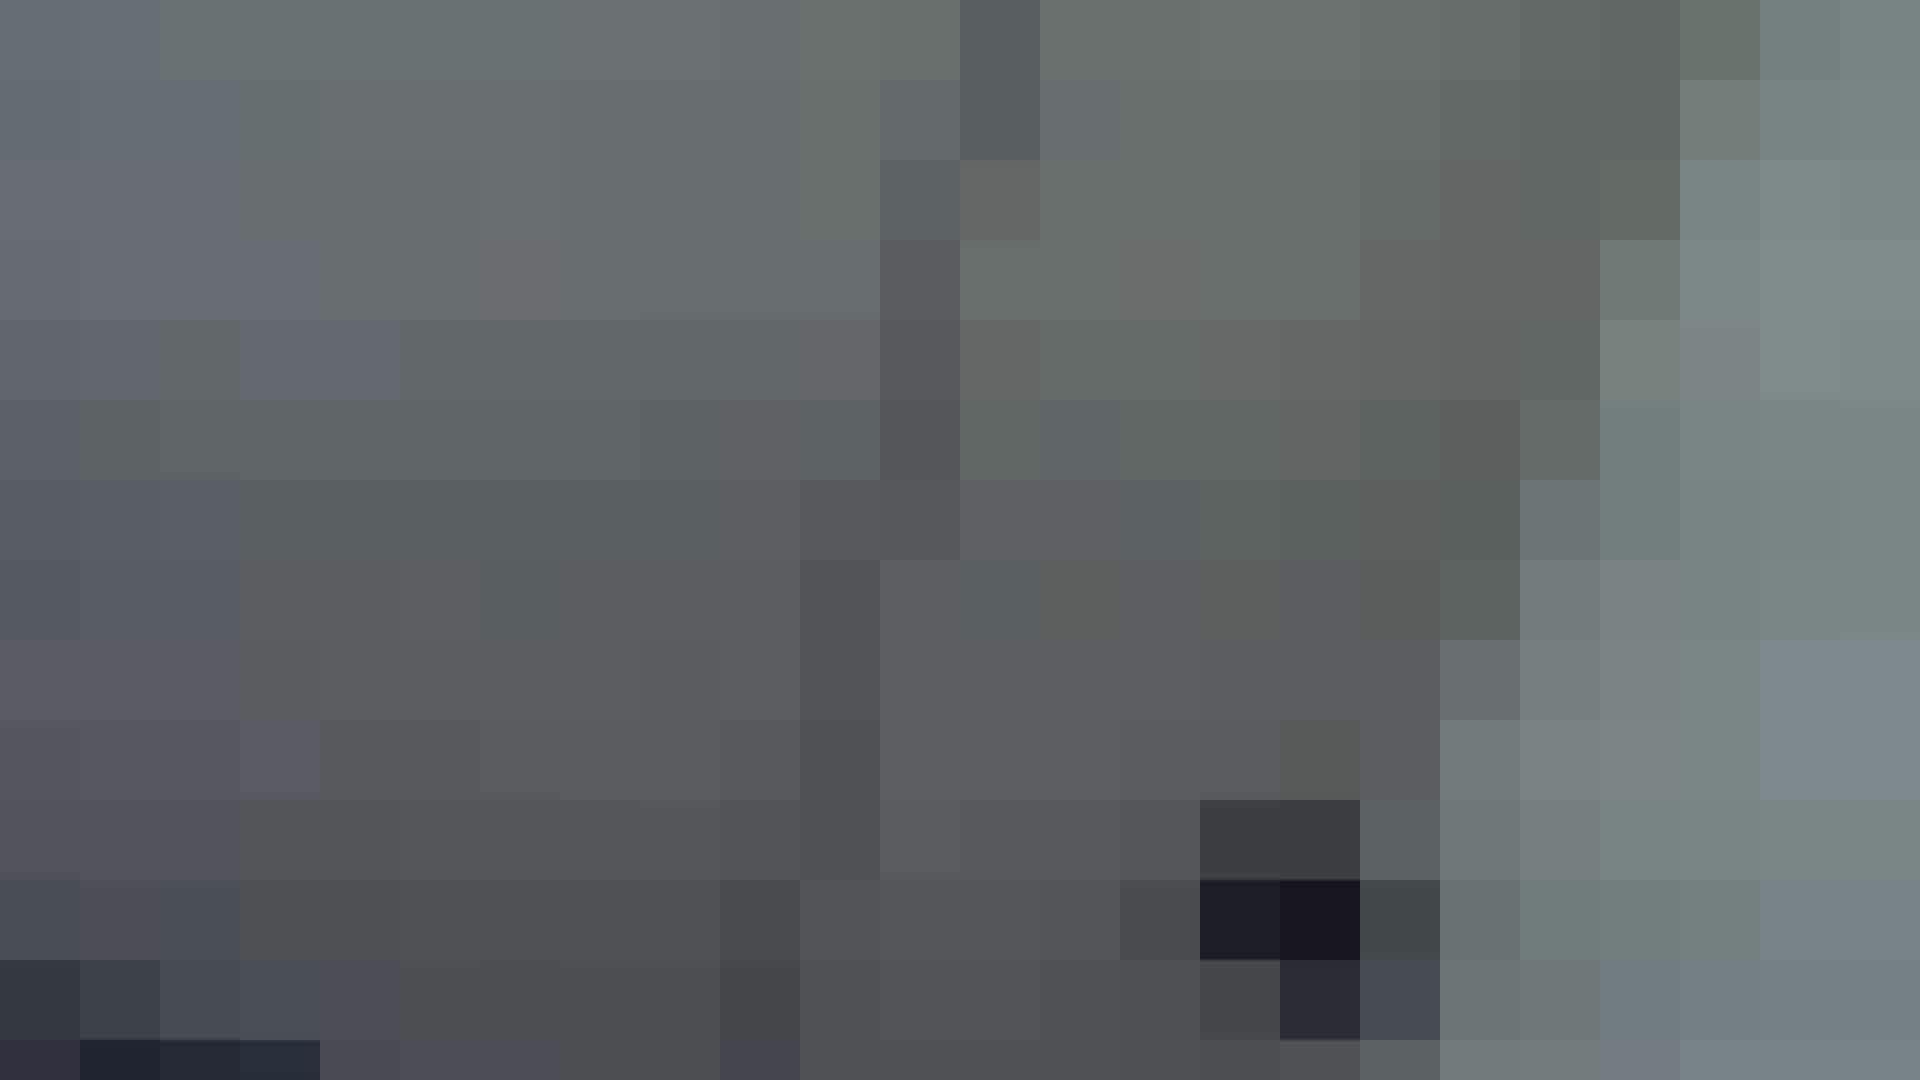 世界の射窓から vol.35 女厕偷拍, 美罗城 南宁国贸 ギャル達 おまんこ動画流出 78枚 77